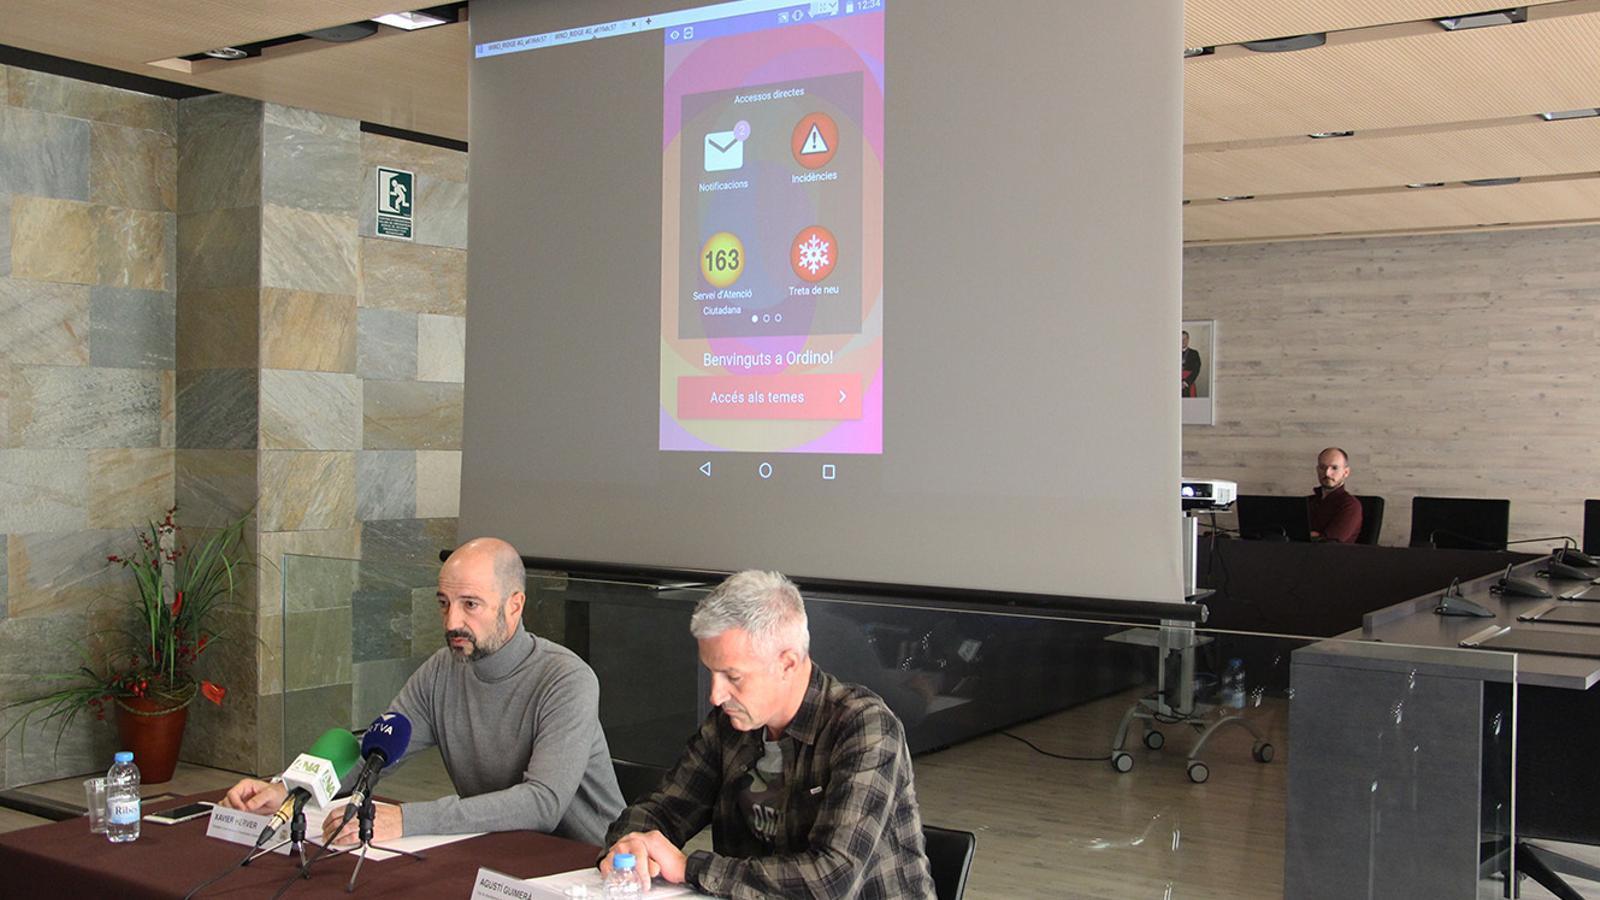 El conseller d'Administració, Comuniació, Comerç i Dinamització d'Ordino, Xavier Herver, i el cap de departament de Comuniació i Sistemes d'Informació d'Ordino, Agustí Guimerà, durant la presentació de la nova aplicació